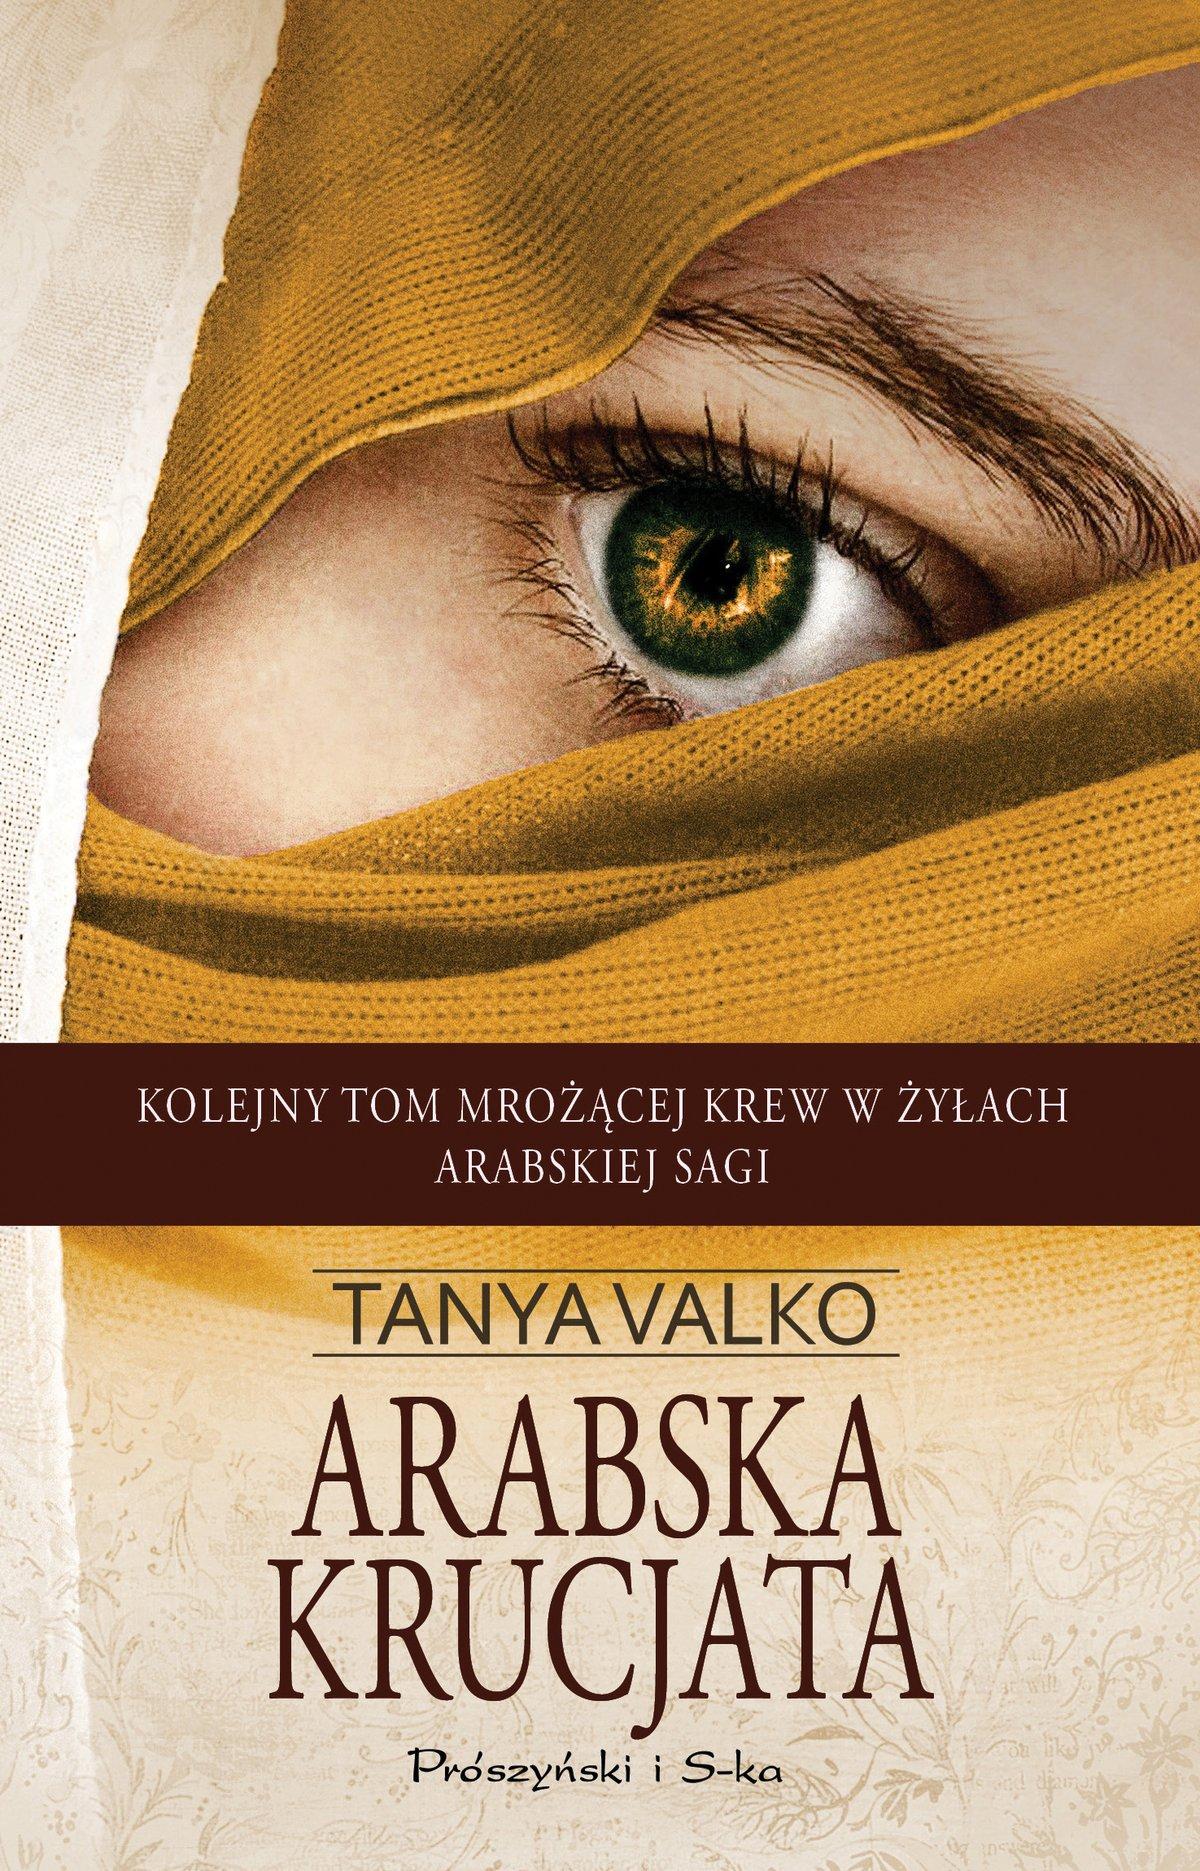 Arabska krucjata - Ebook (Książka EPUB) do pobrania w formacie EPUB